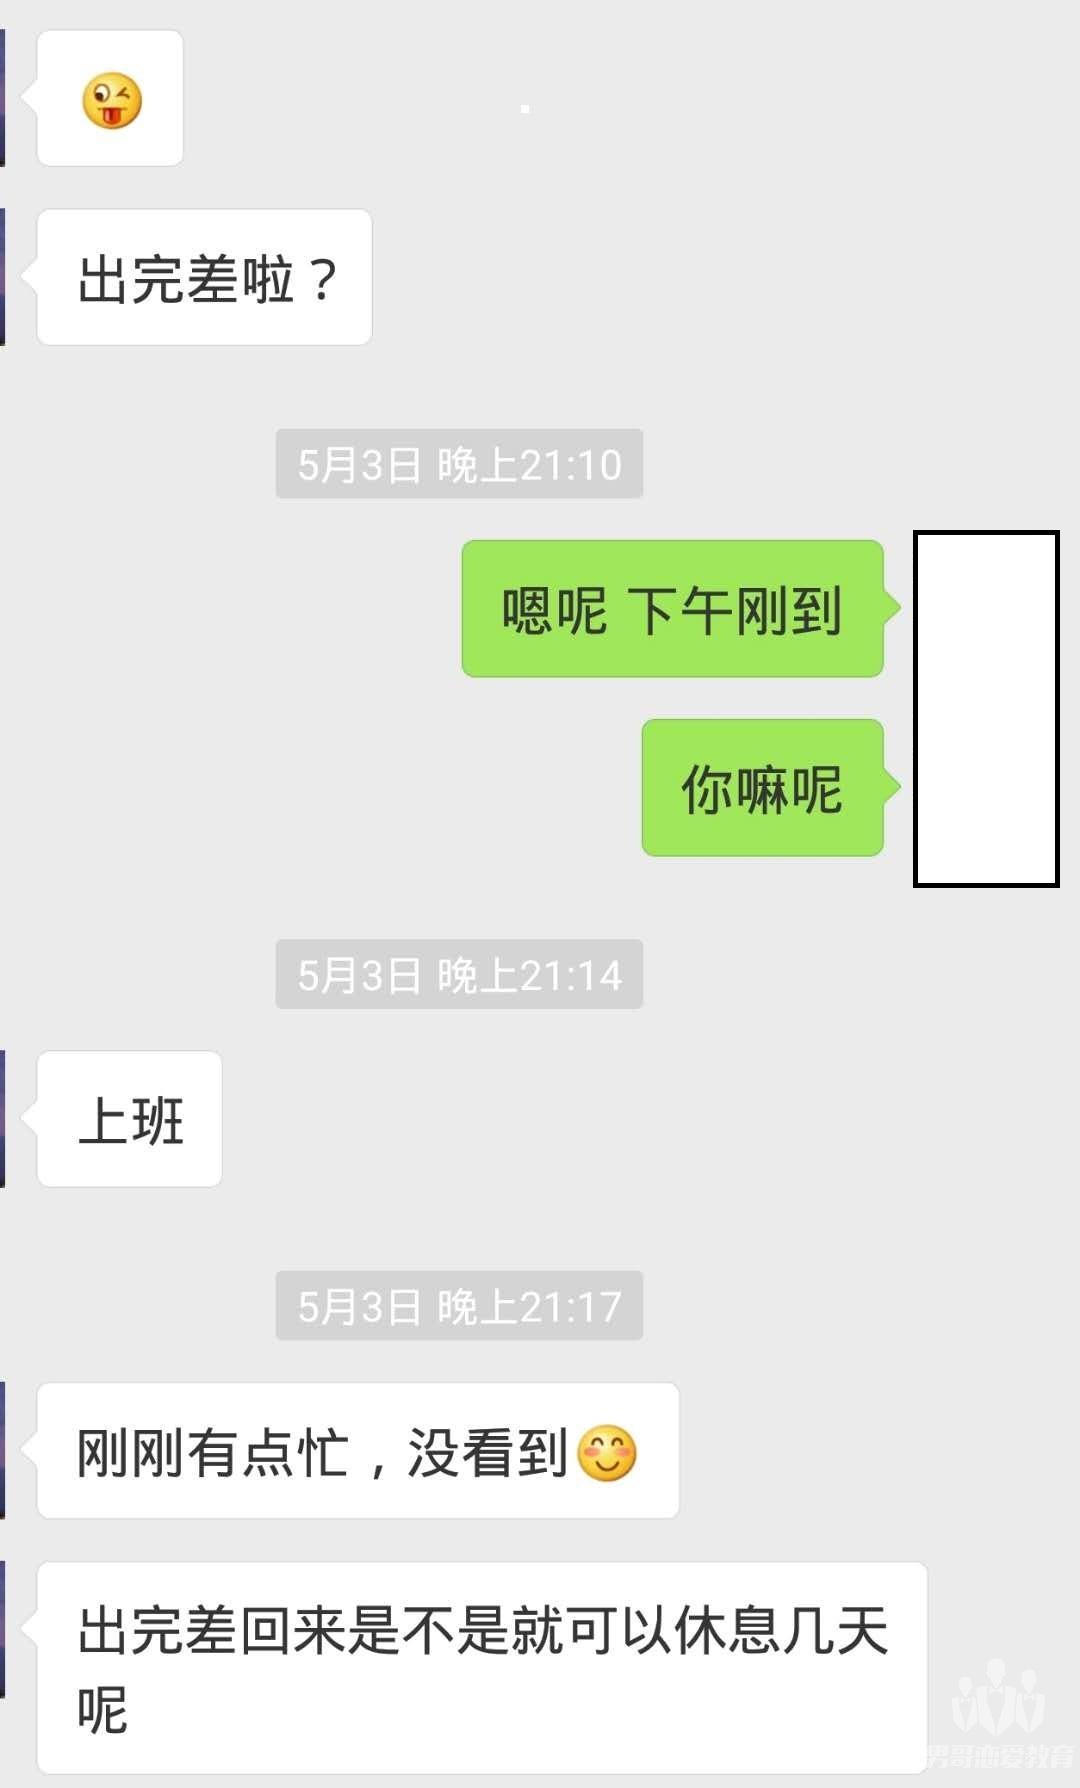 微信图片_20180509144546